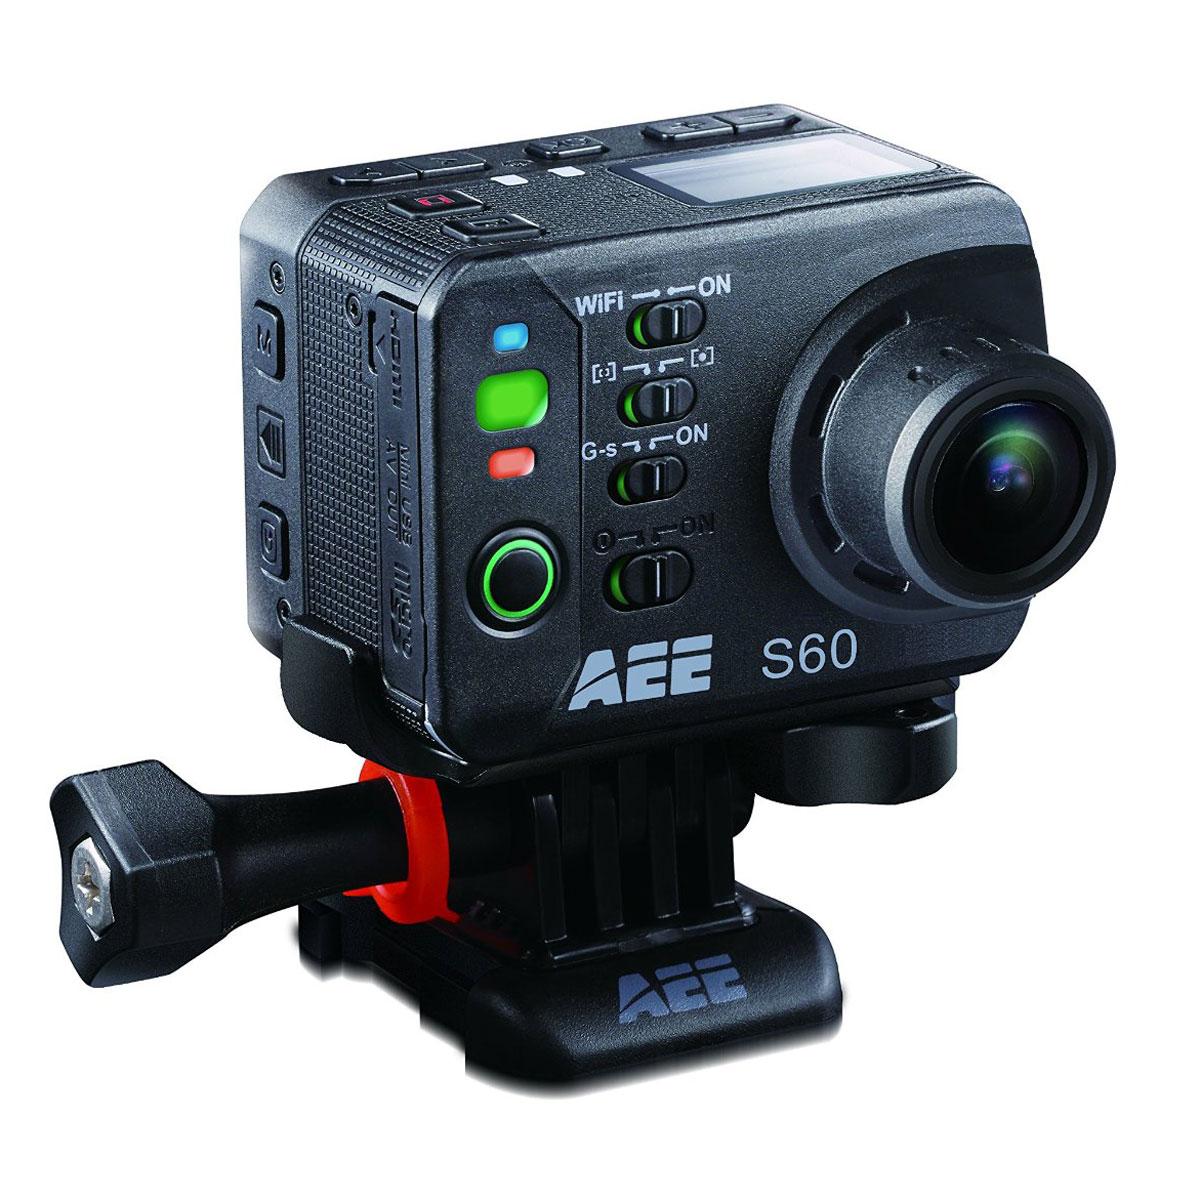 AEE S60 Magicam экшн-камераS60AEE экшн-камера S60 - это революционное решение среди камер для экстремальной съемки. Принципиально новый и современный дизайн, повышенный уровень эргономики, качество съемки Full HD и система оптической стабилизации позволяют записать видеоролик, который передаст атмосферу даже самого опасного приключения! Девайс обладает WiFi-модулем для управления с других мобильных устройств, стереомикрофоном и аккумулятором на 1500 мАч.Рабочая дистанция WiFi: до 120мРежим фотосъёмки: 16 MпиксФормат изображений: JPEGТемпература эксплуатации : -10-50 °СВлажность во время эксплуатации: 15-85% относительной влажности